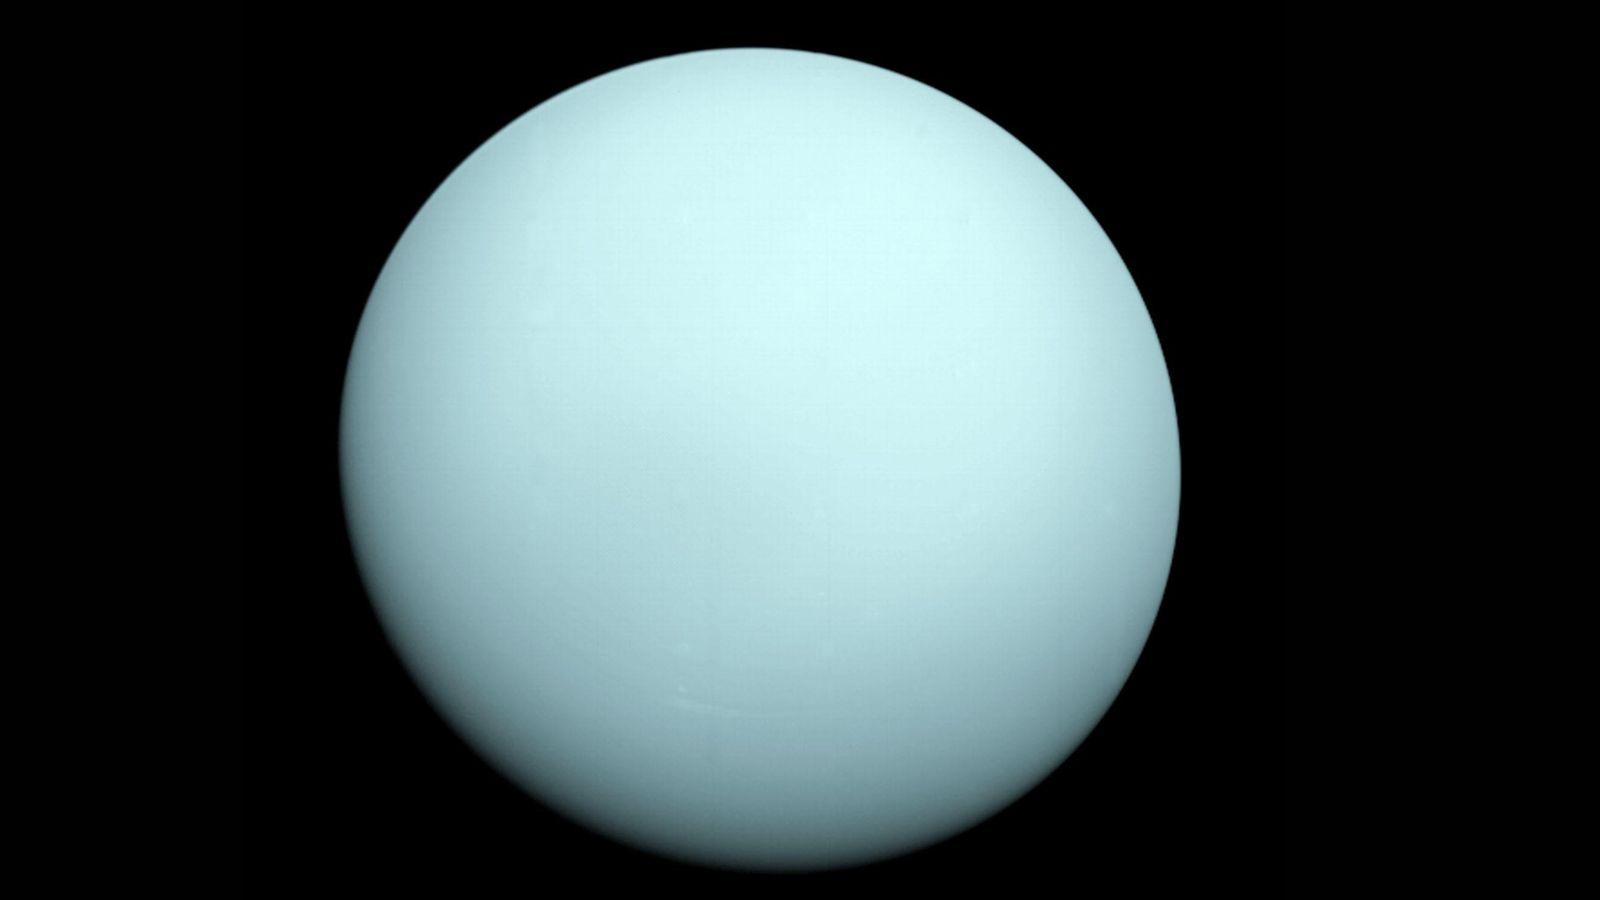 C'est confirmé, la planète Uranus sent l'œuf pourri